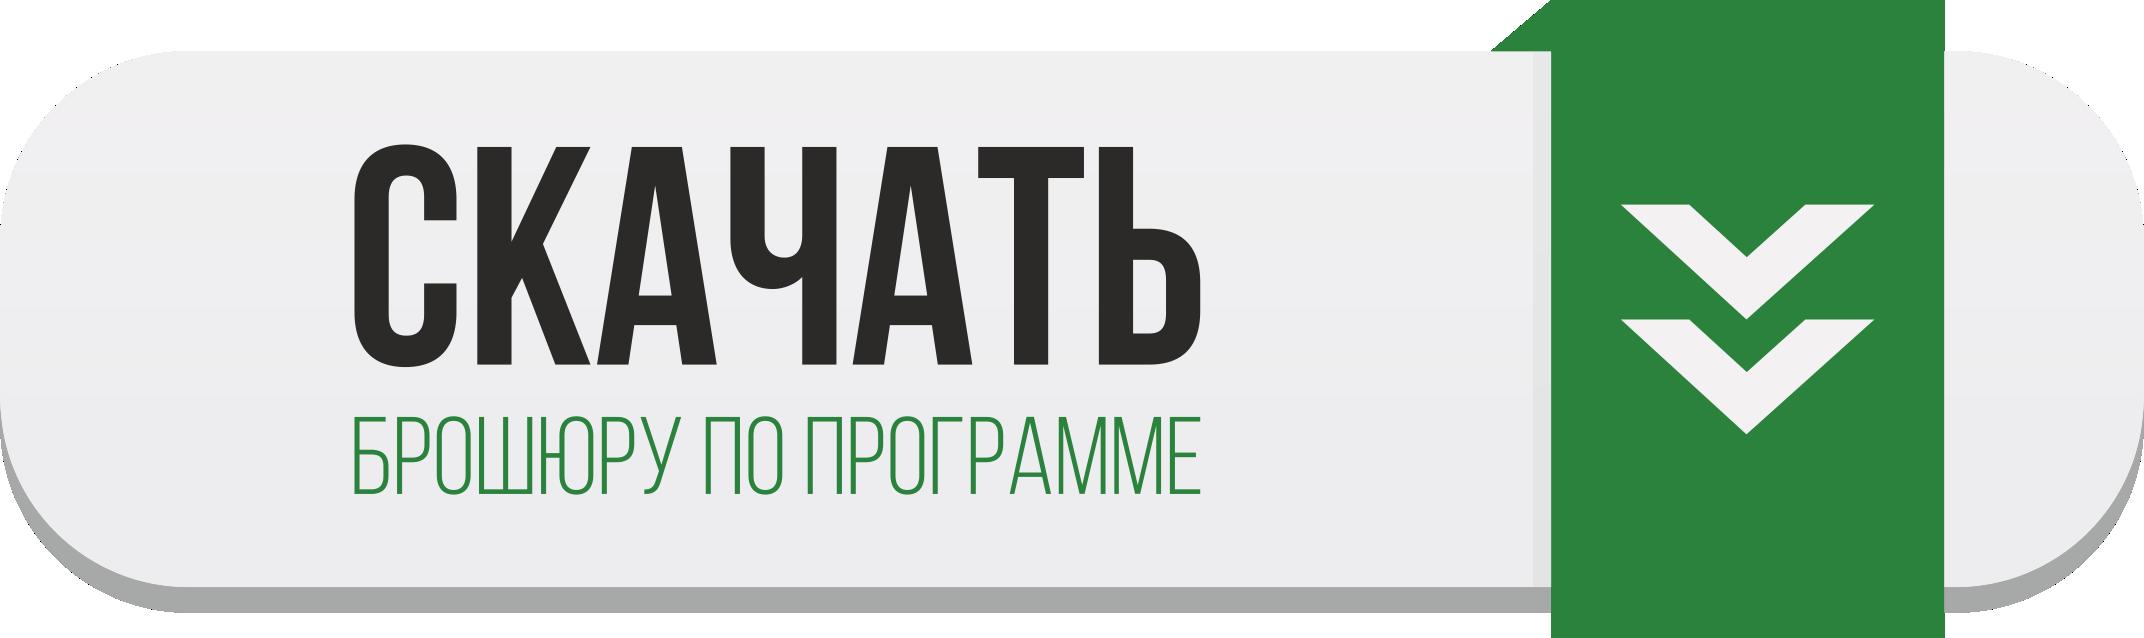 Брошюра-ГК-АХП